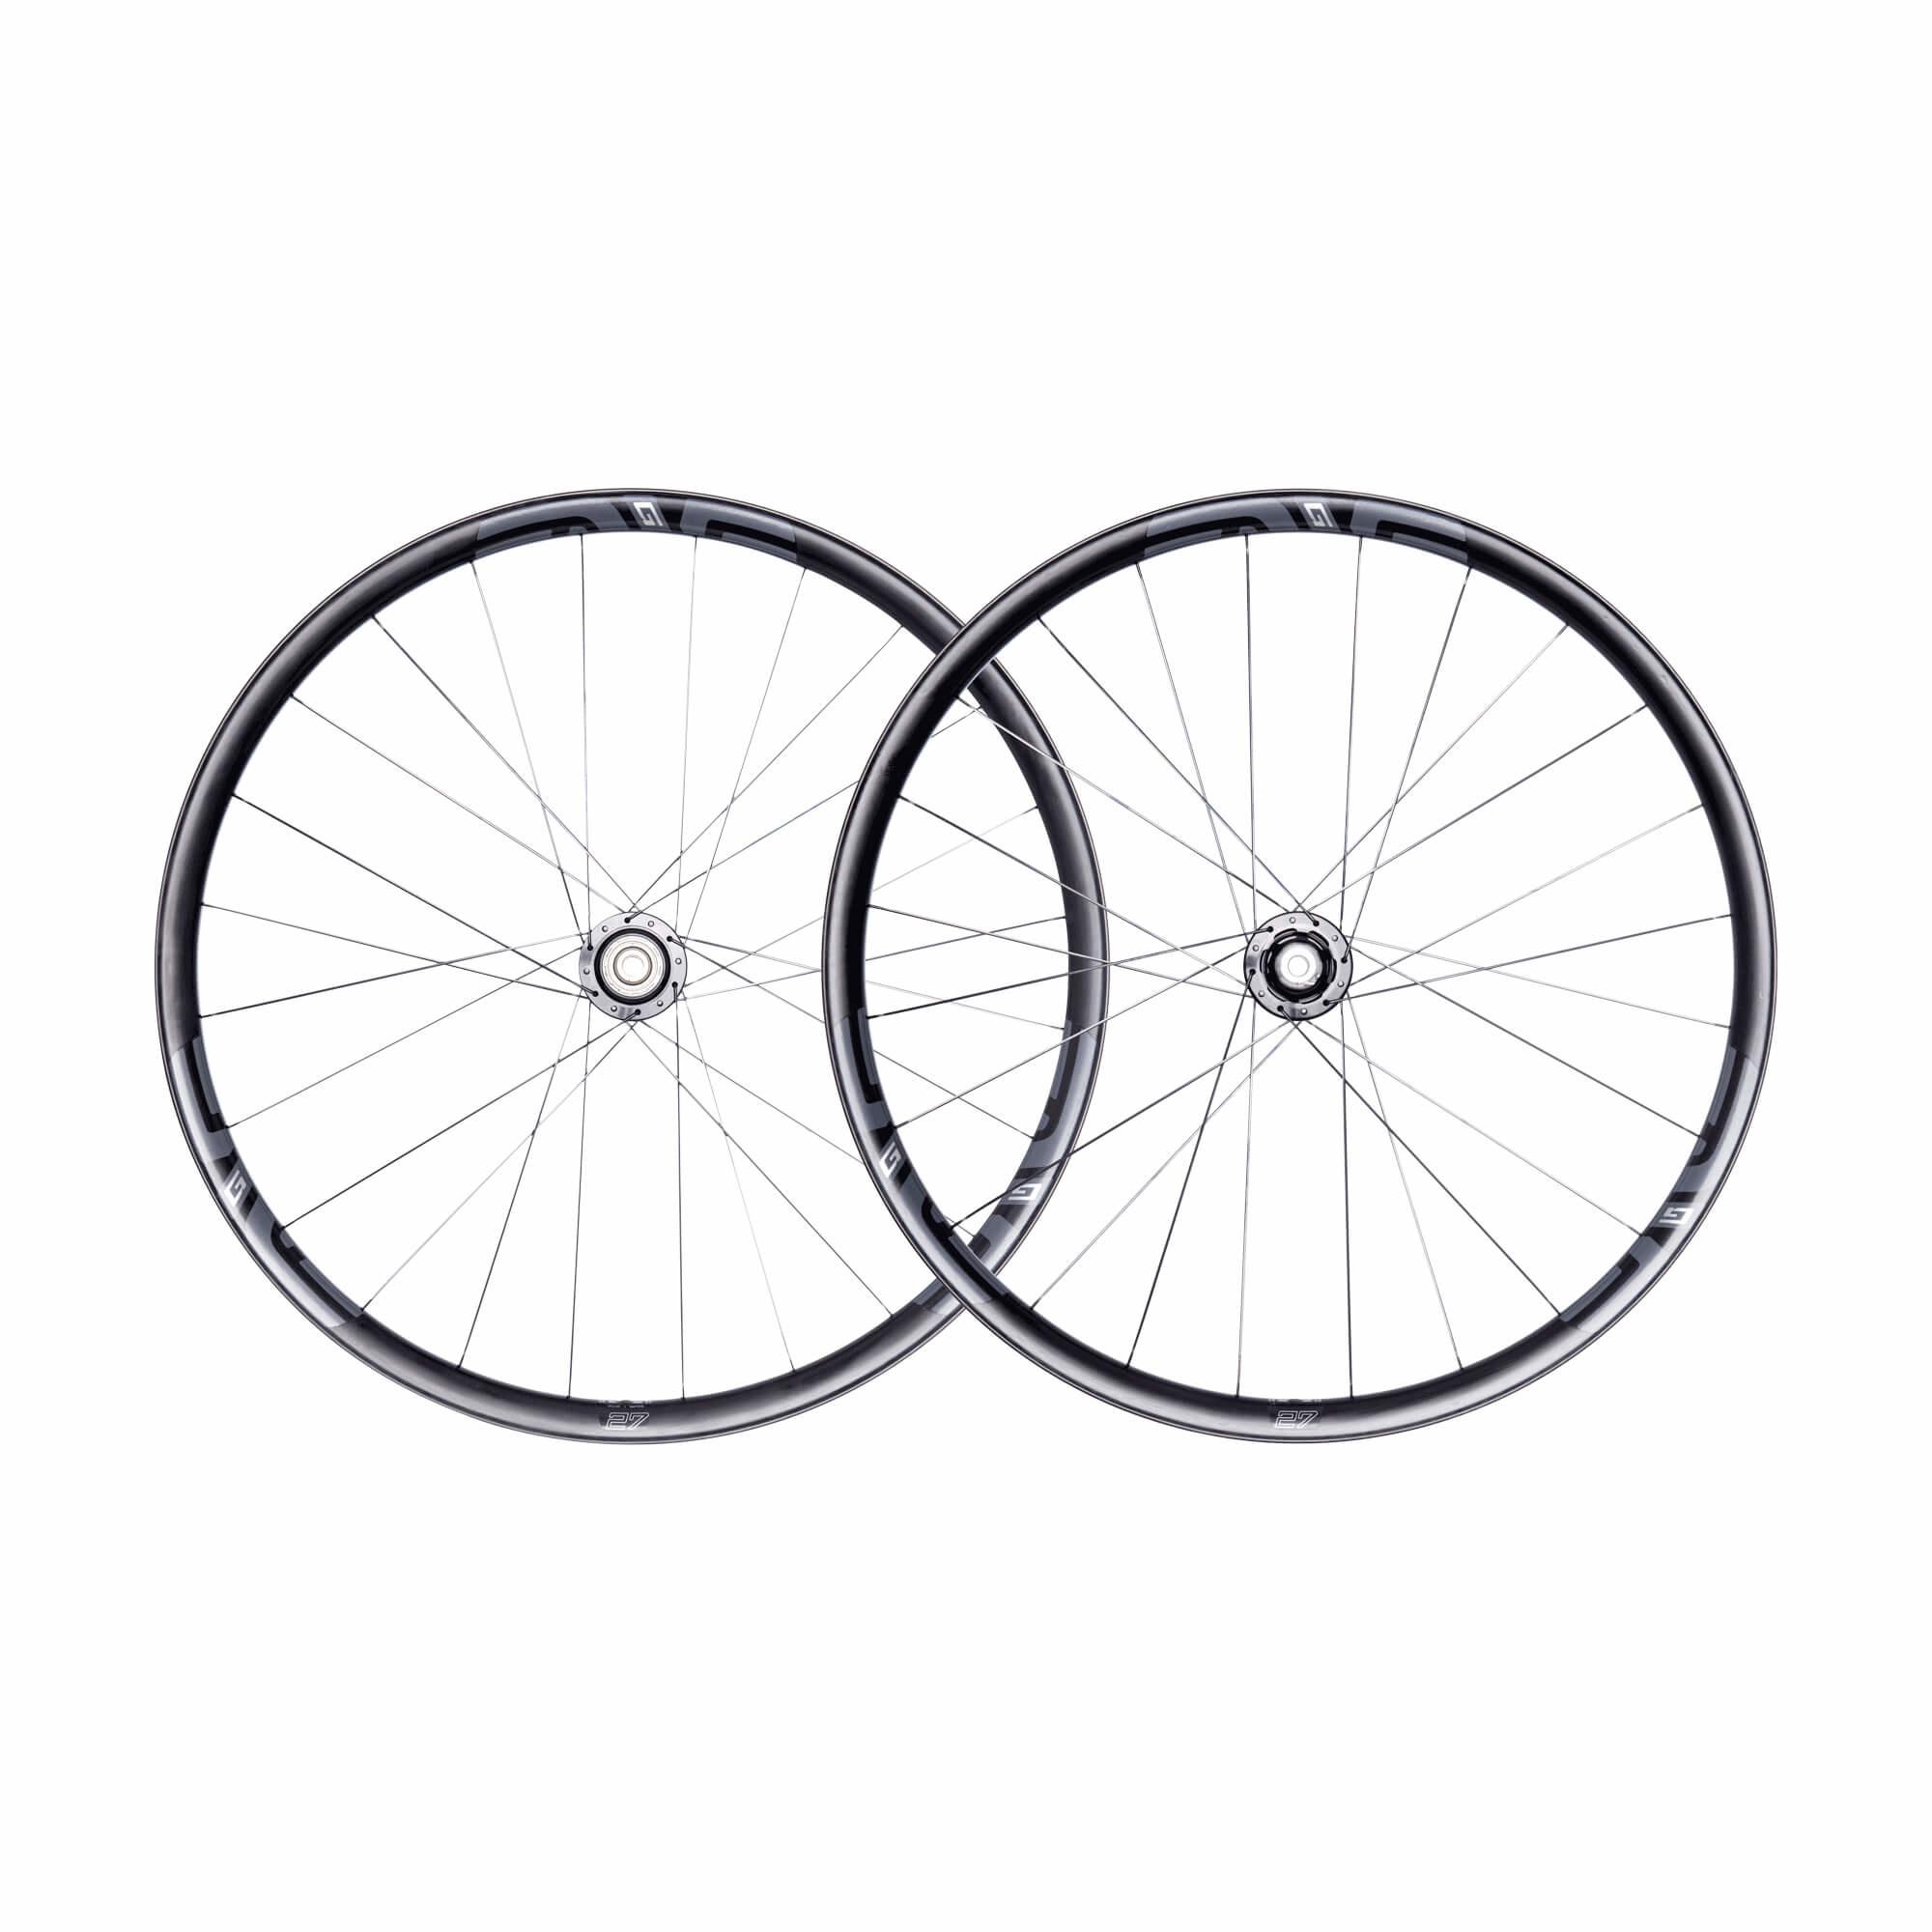 Wheelset G27-1